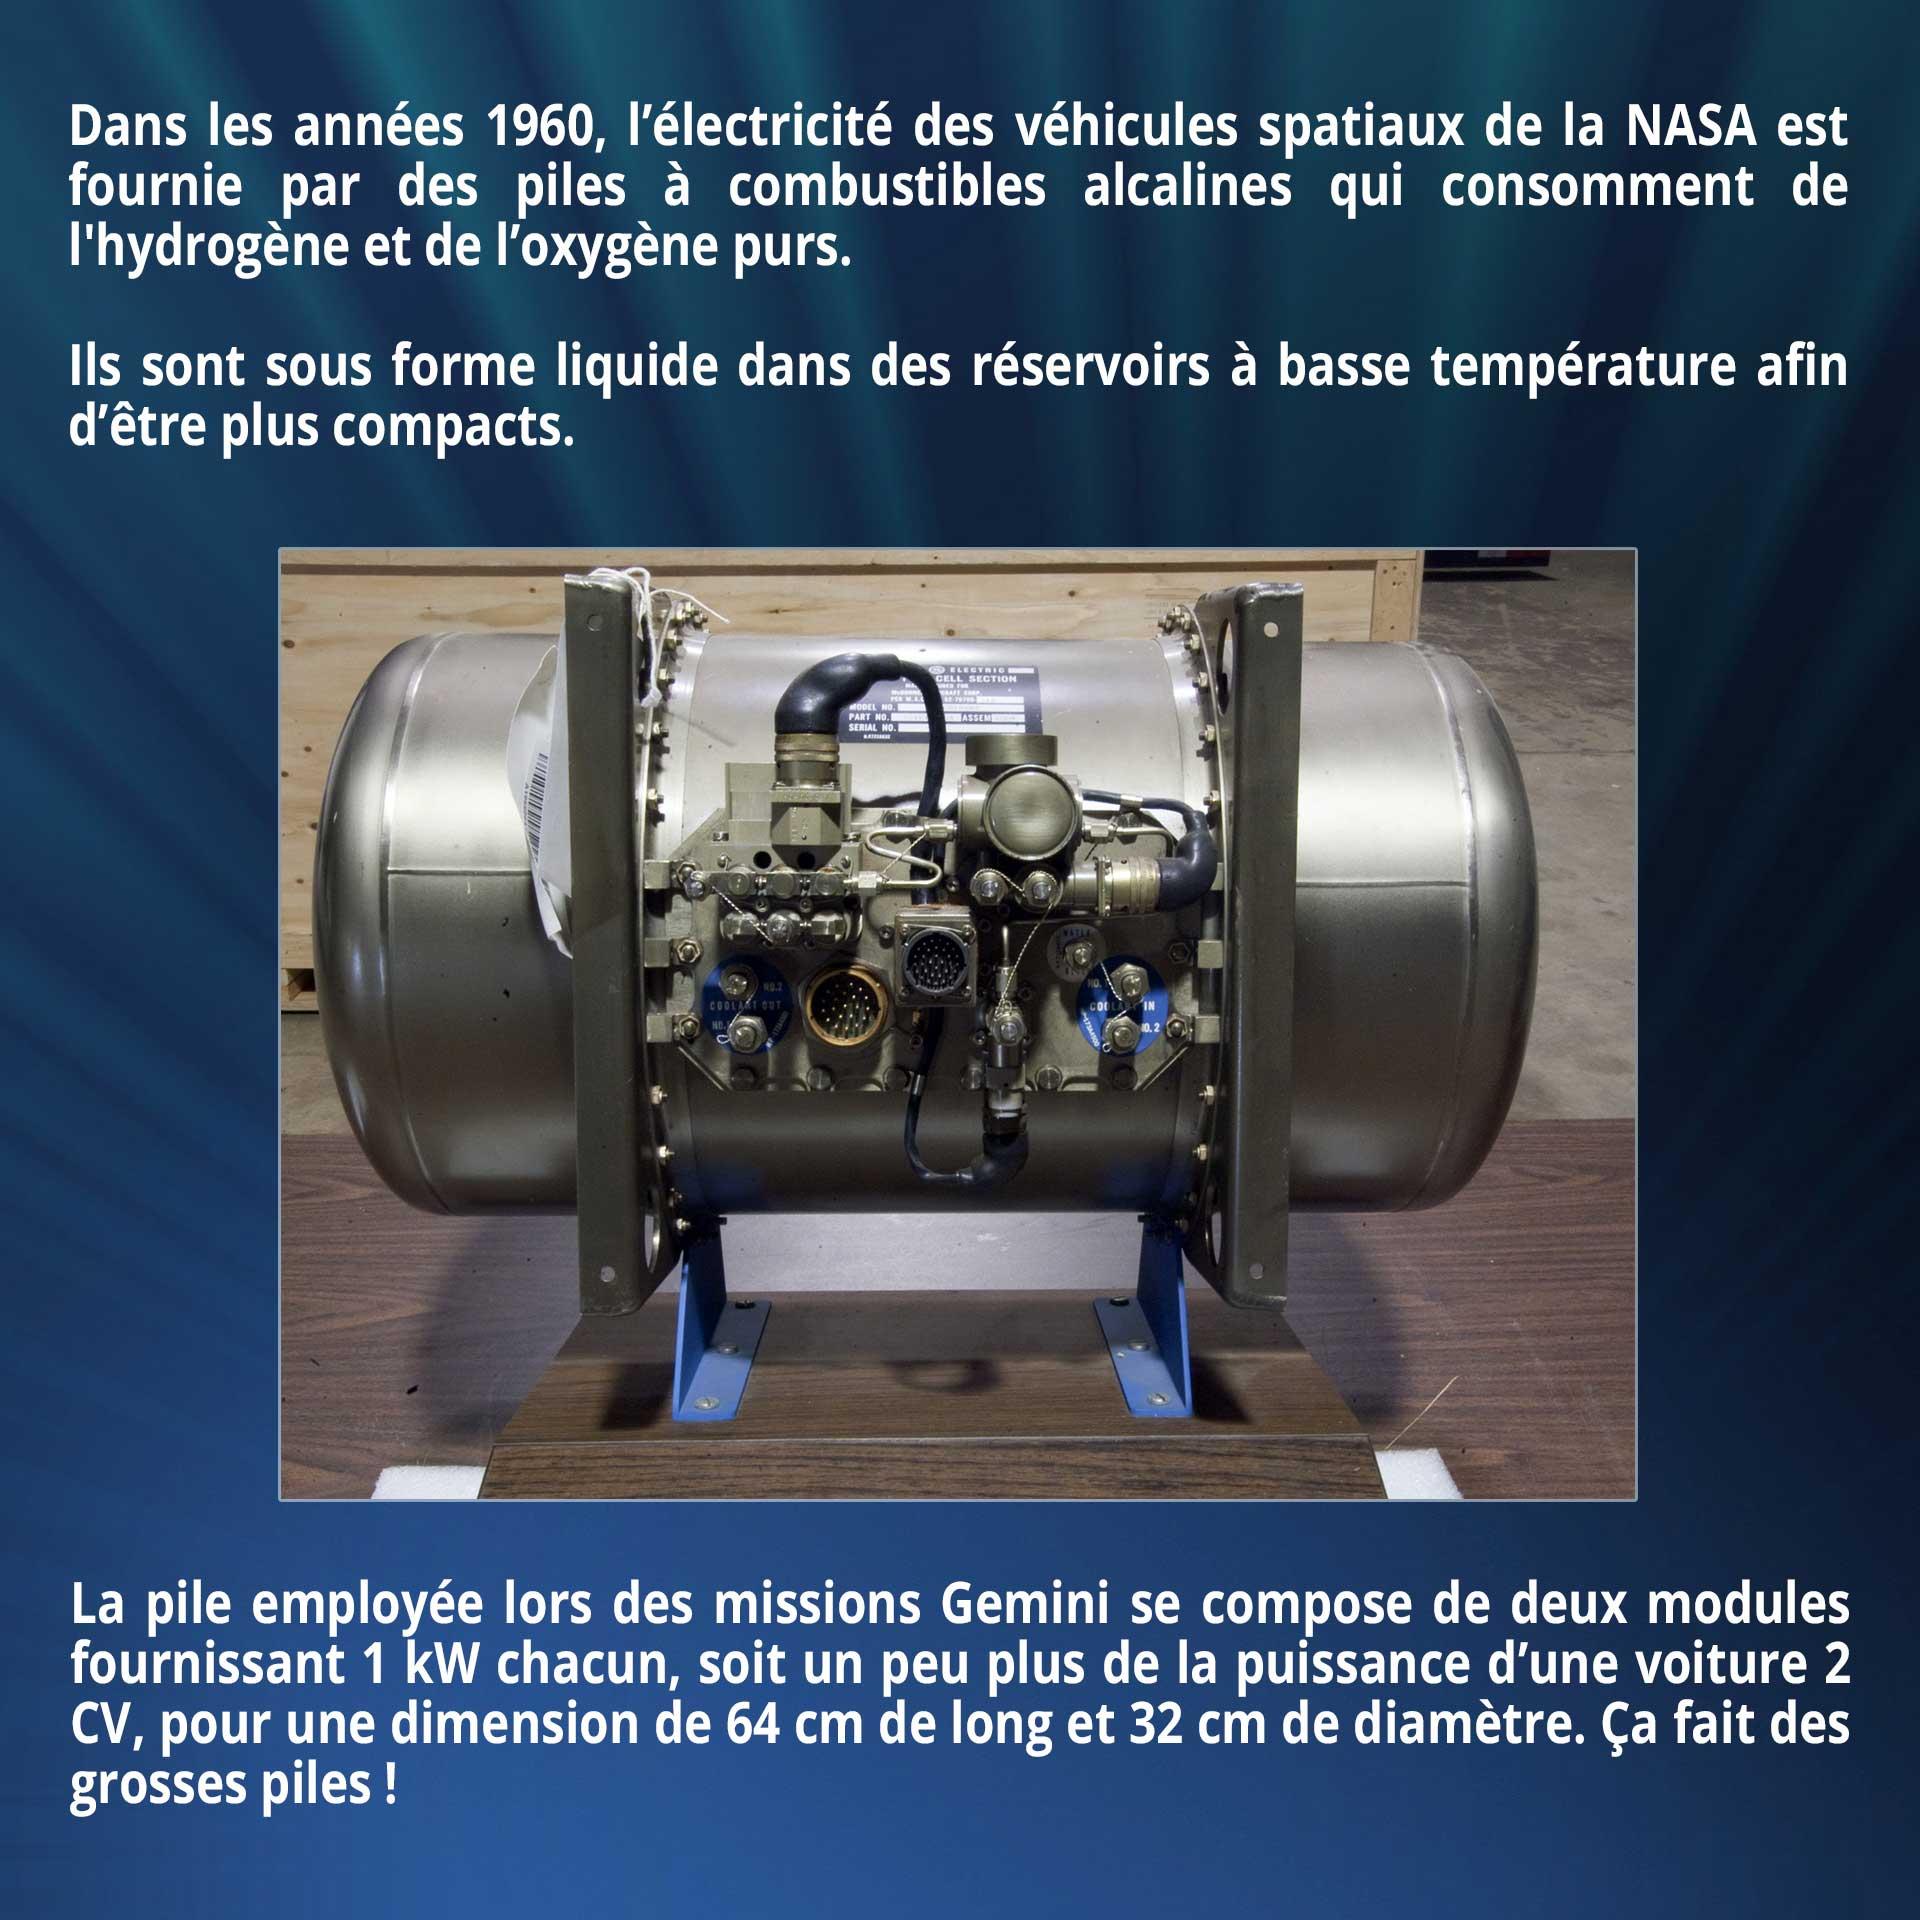 Dans les années 1960, l'électricité des véhicules spatiaux de la NASA est fournie par des piles à combustibles alcalines qui consomment de l'hydrogène et de l'oxygène purs. Ils sont sous forme liquide dans des réservoirs à basse température afin d'être plus compacts. La pile employée lors des missions Gemini se compose de deux modules fournissant 1 kW chacun, soit un peu plus de la puissance d'une voiture 2 CV, pour une dimension de 64 cm de long et 32 cm de diamètre. Ça fait des grosses piles !